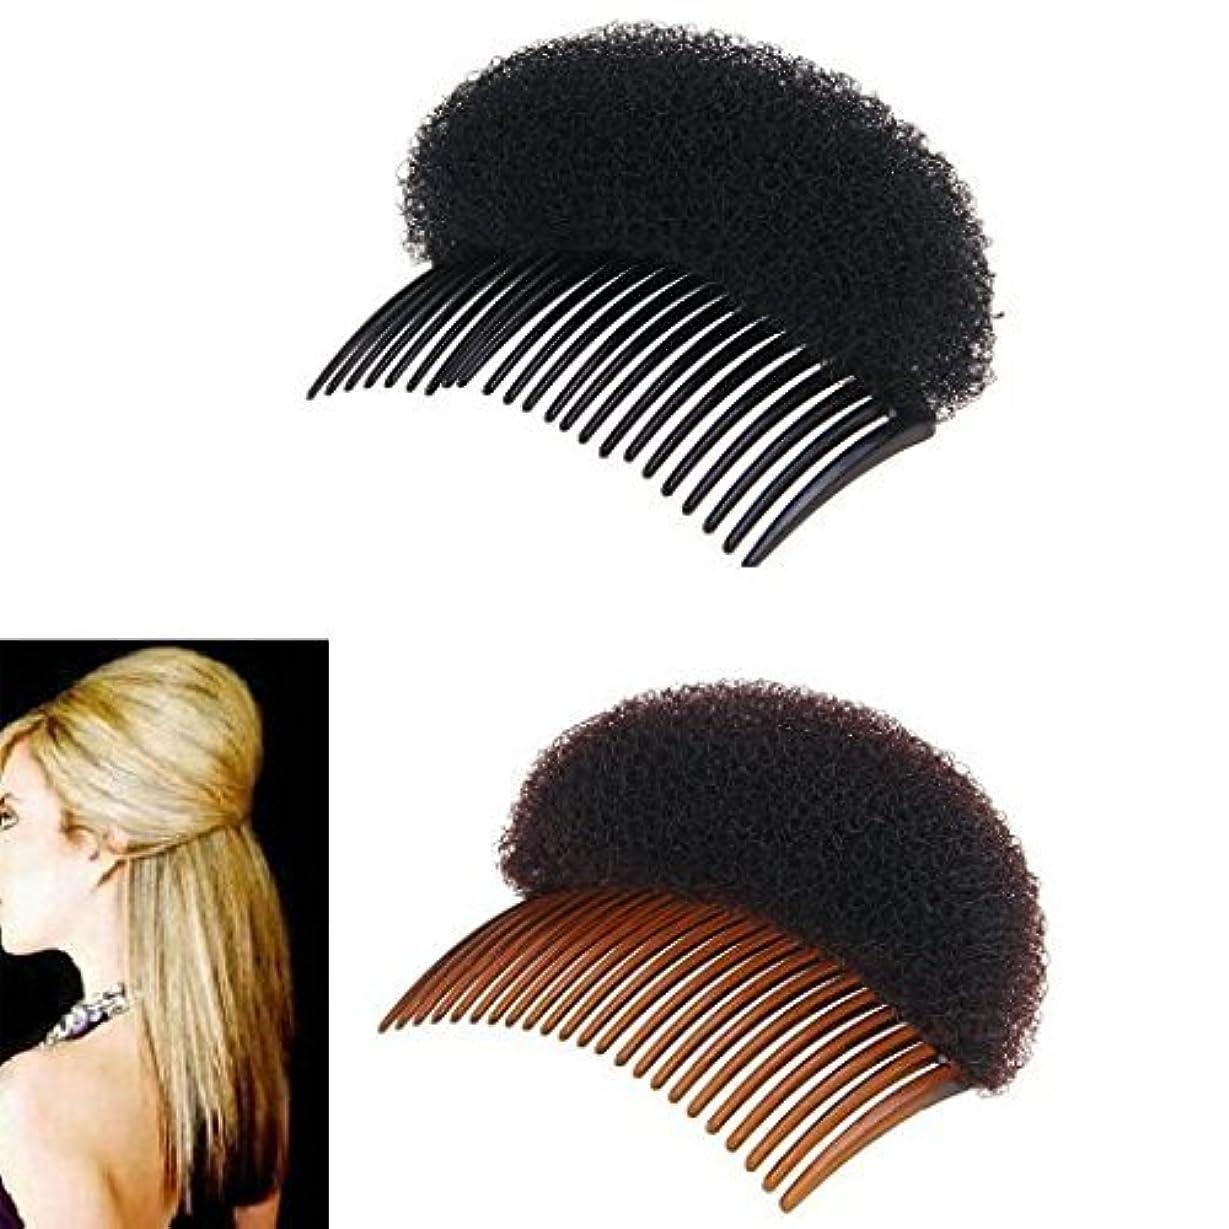 見つけた艦隊後ろに2Pices(1Black+1Brown) Women Bump It Up Volume Hair Base Styling Clip Stick Bum Maker Braid Insert Tool Do Beehive...